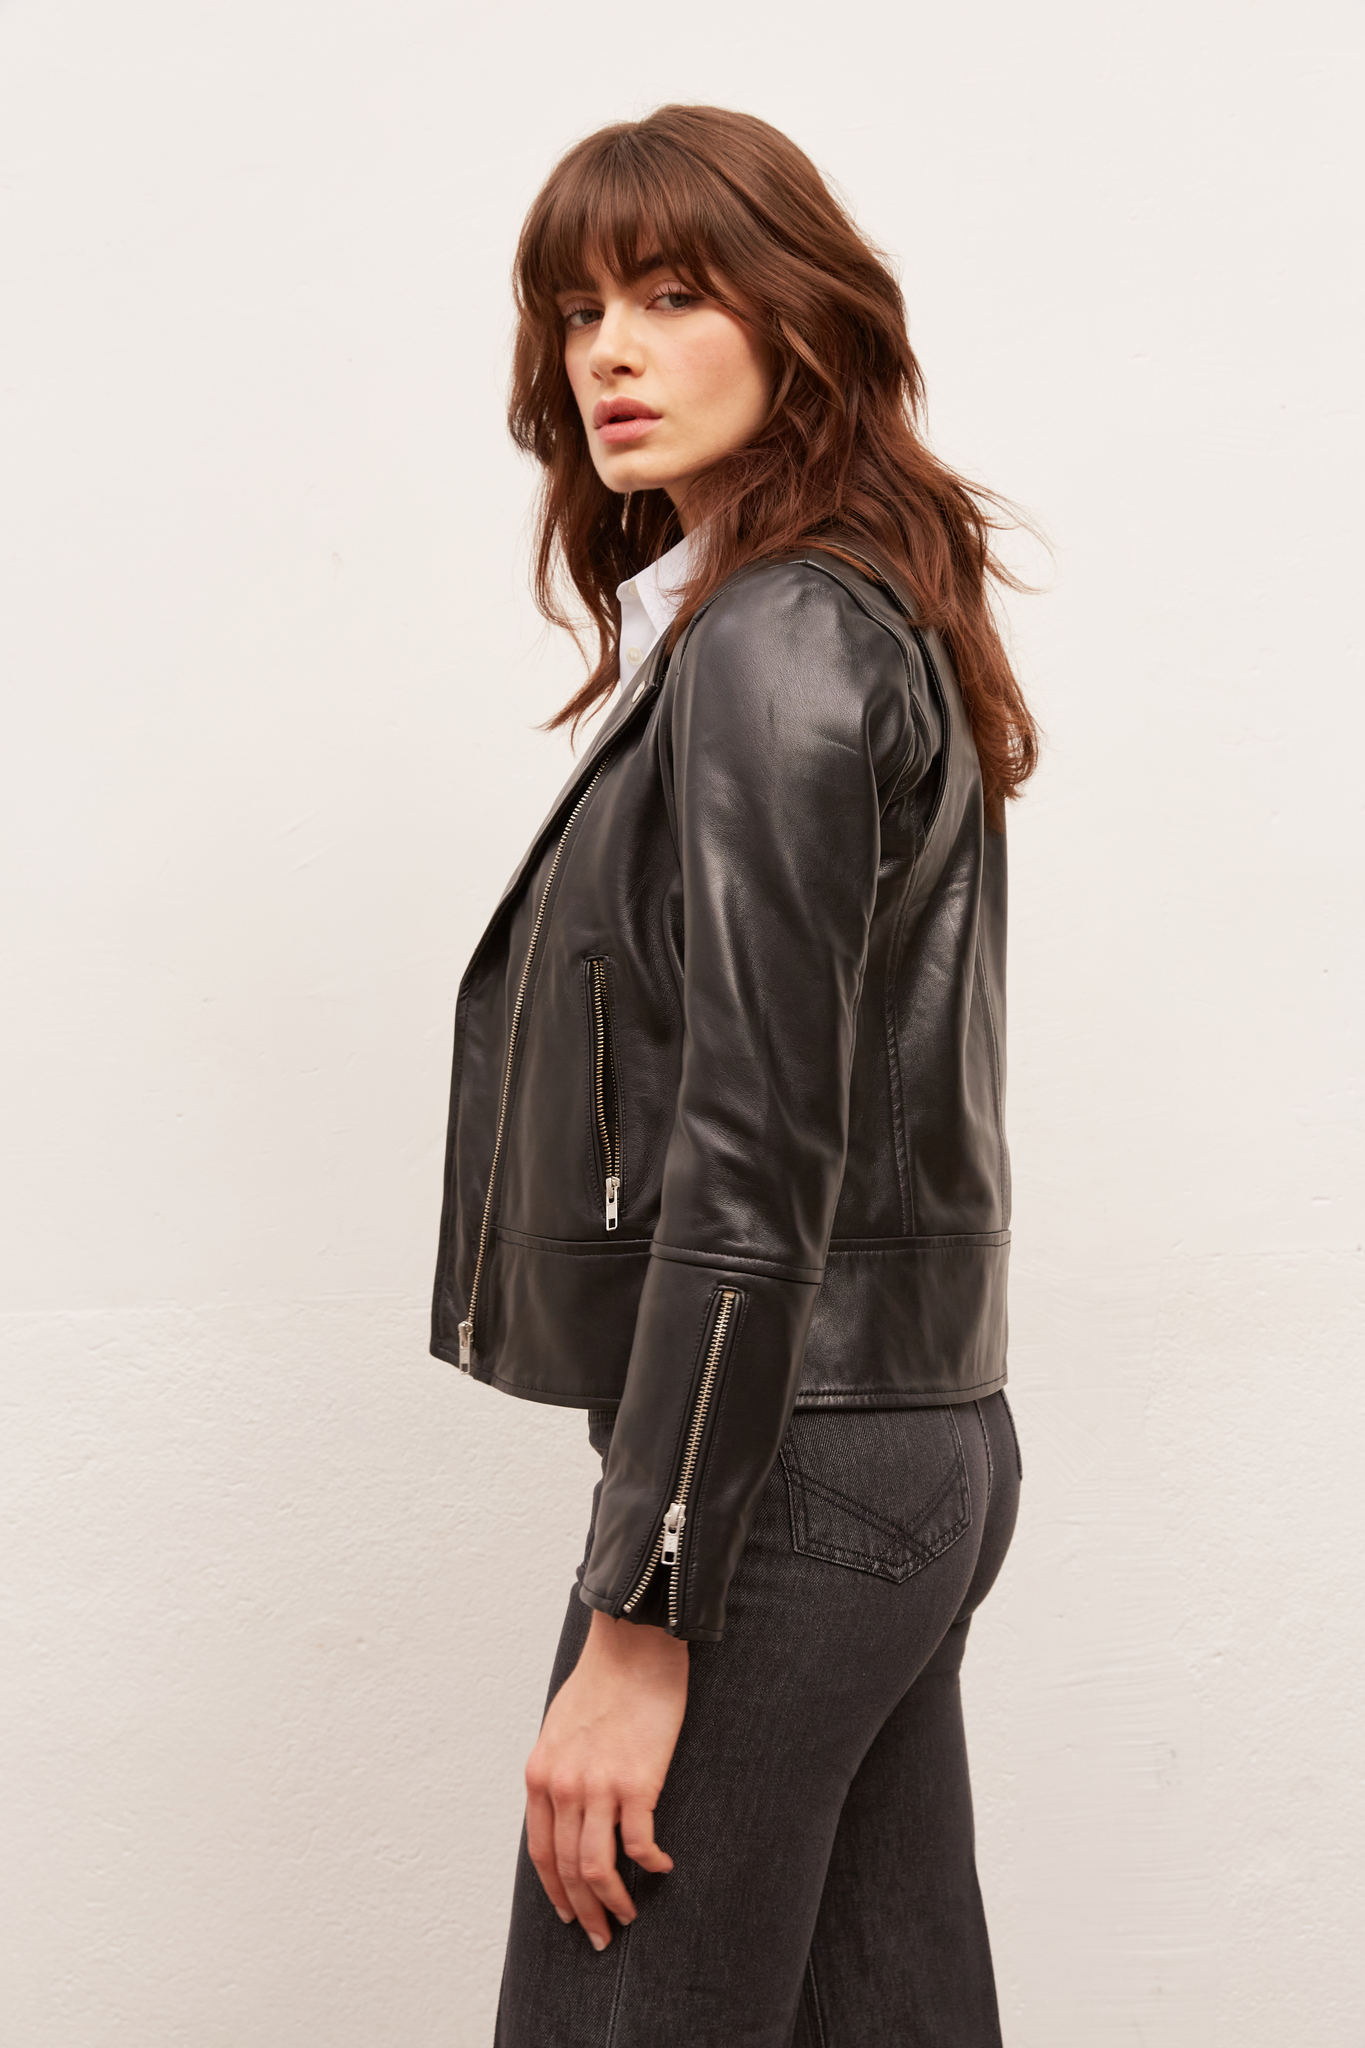 GIULIA - Кожаная куртка в байкерском стиле